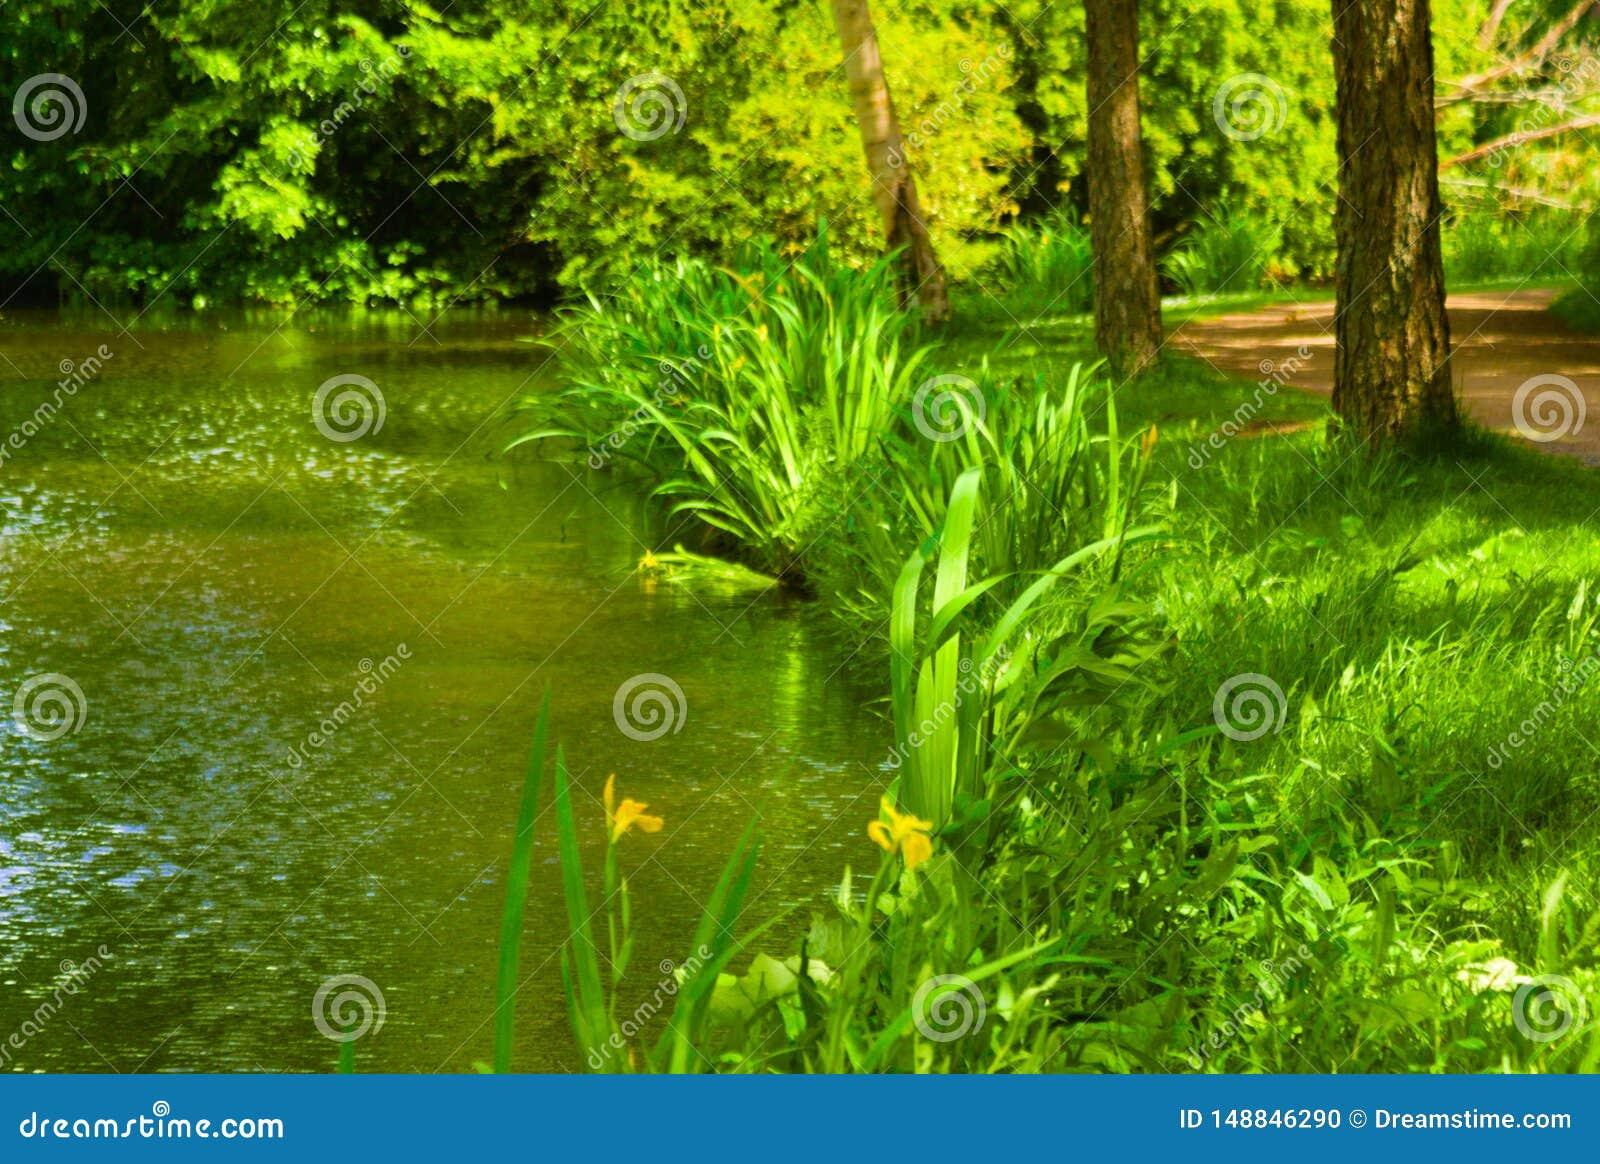 Het bloeien van gras in de zomer in het kanaal wordt weerspiegeld dat